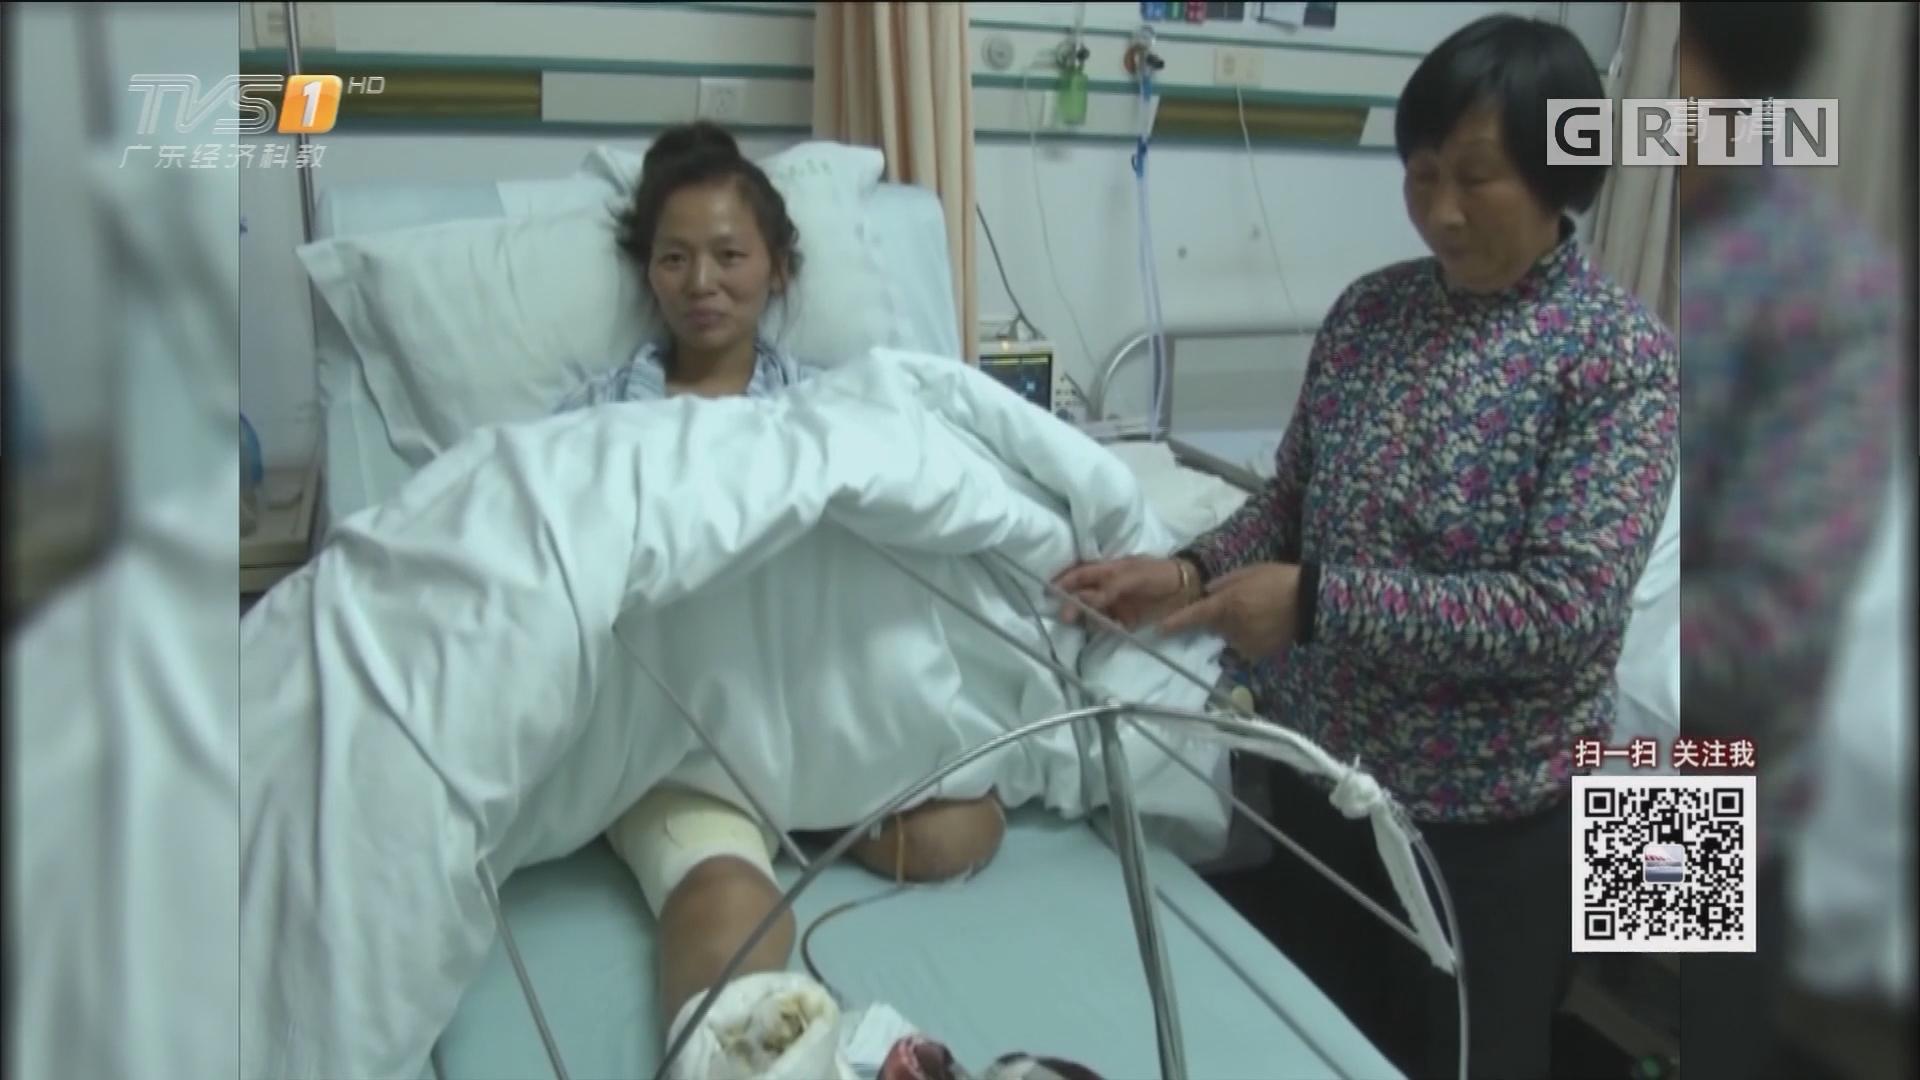 女子患流感导致并发症截肢